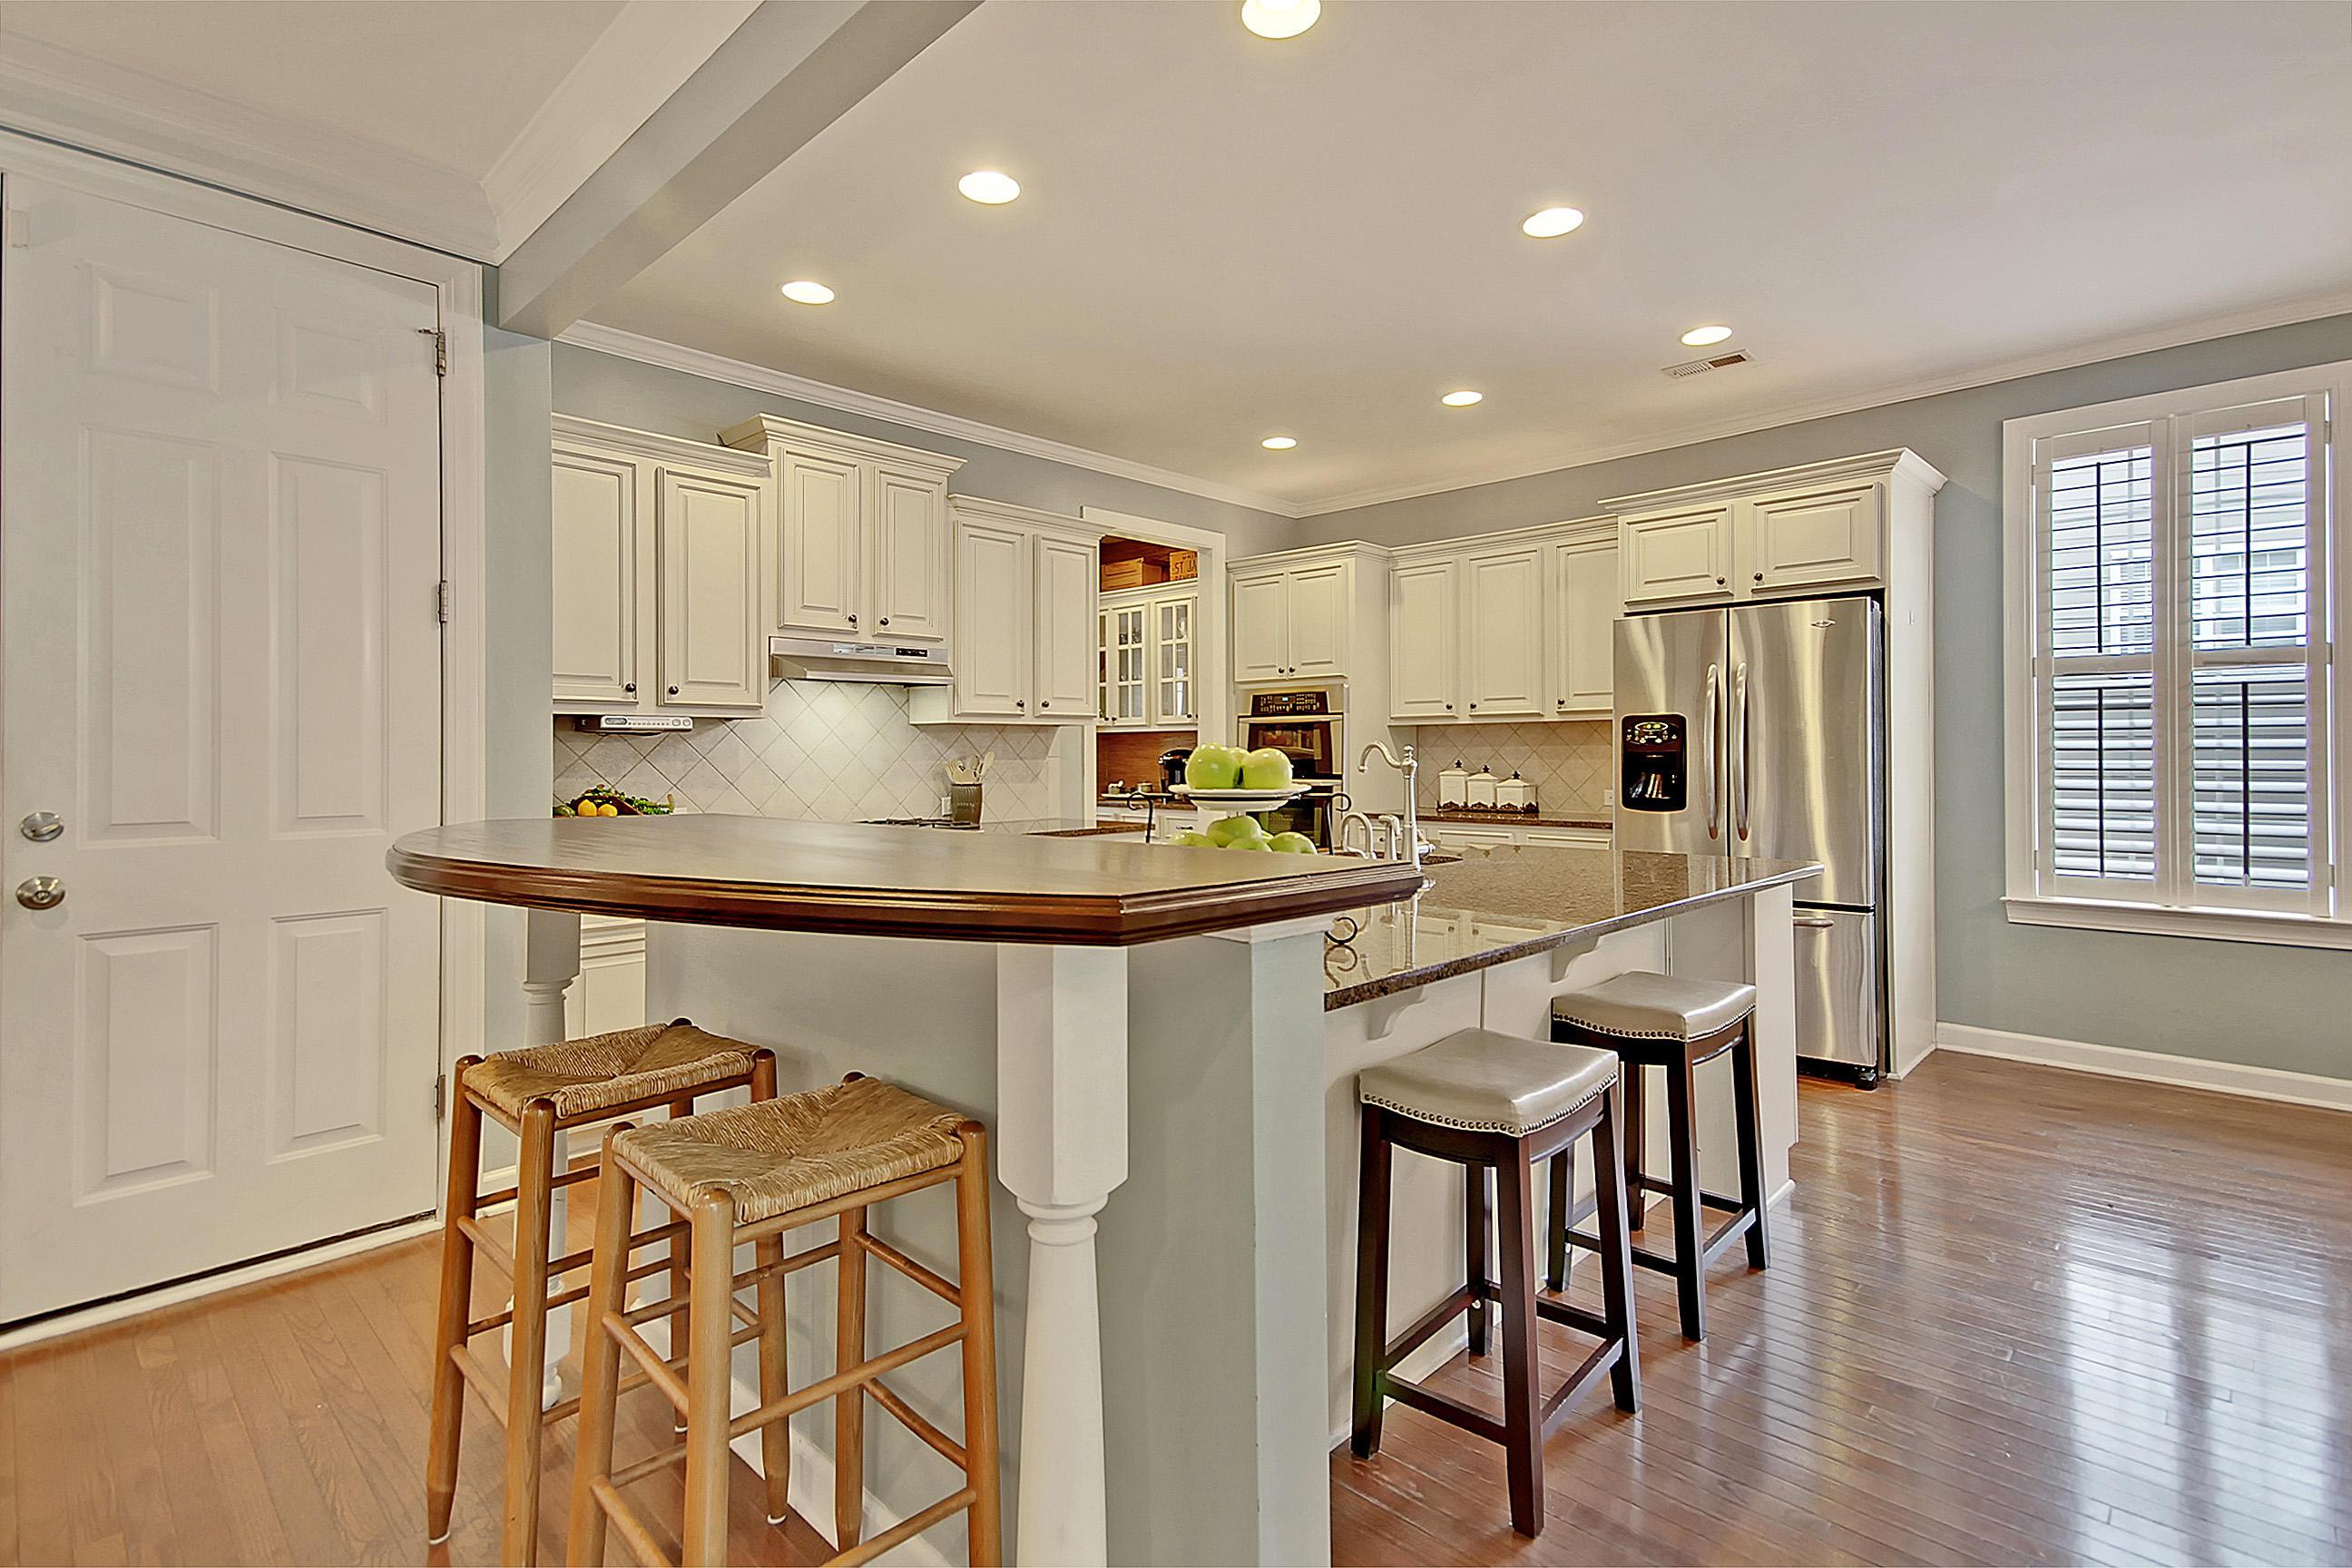 Dunes West Homes For Sale - 3056 Riverwood, Mount Pleasant, SC - 16